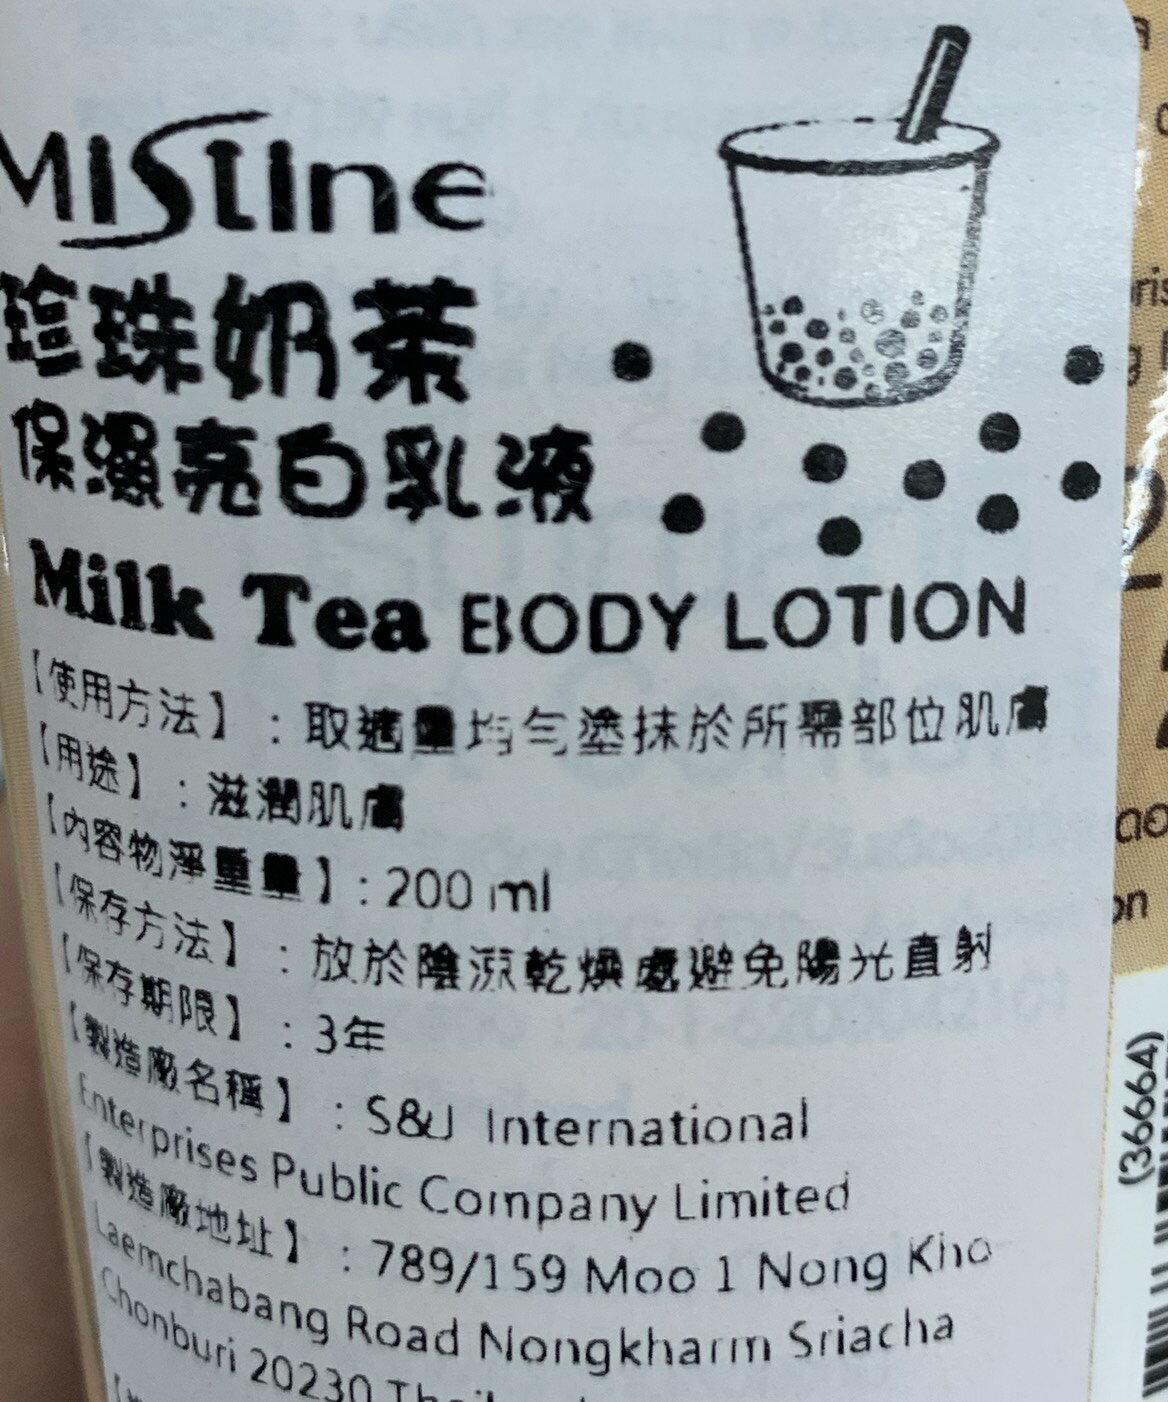 {泰菲印越} 泰國 mistine milk tea body lotion 珍珠奶茶 乳液  200ml